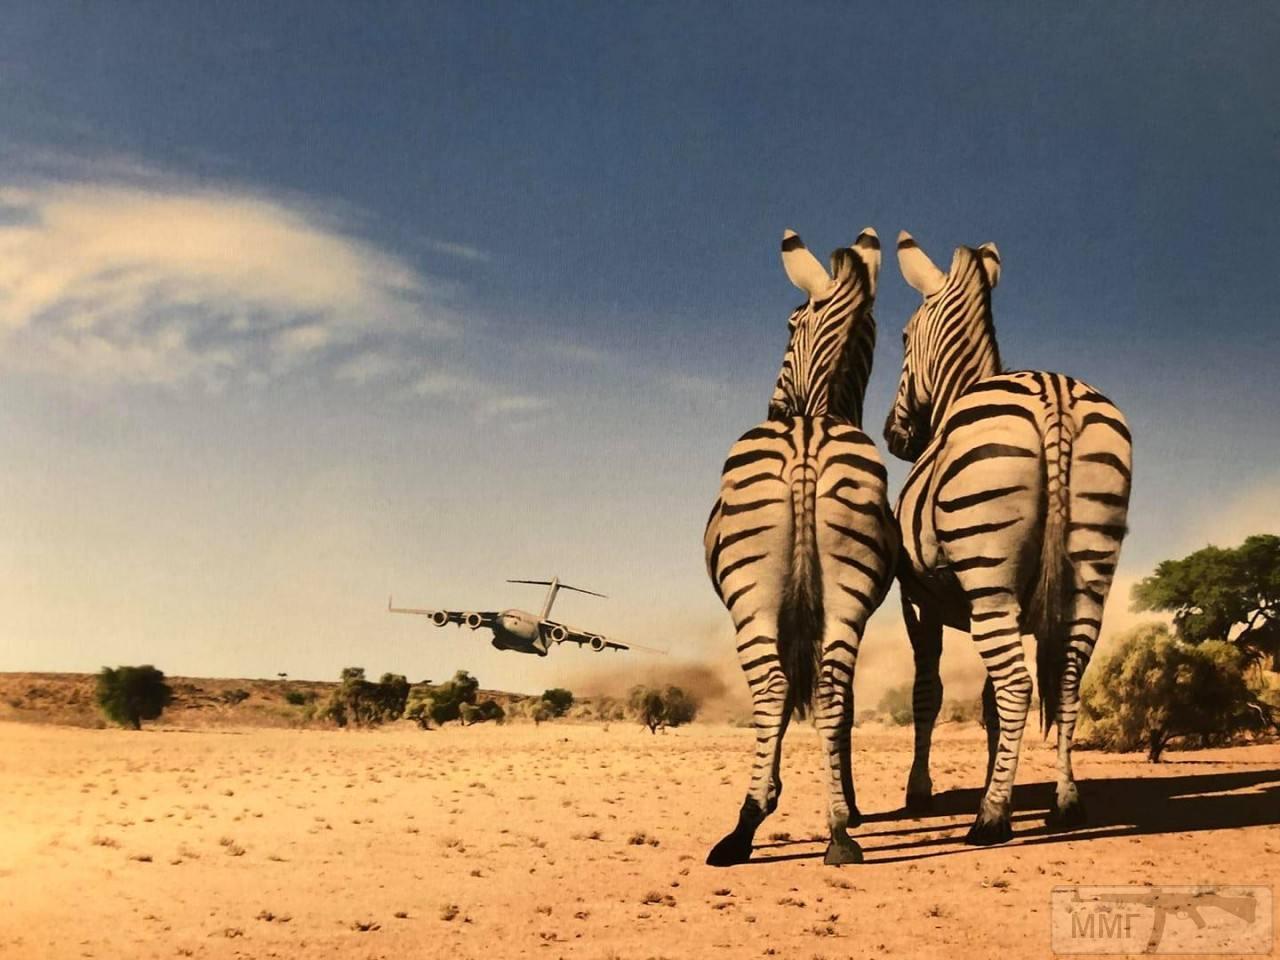 51477 - Красивые фото и видео боевых самолетов и вертолетов